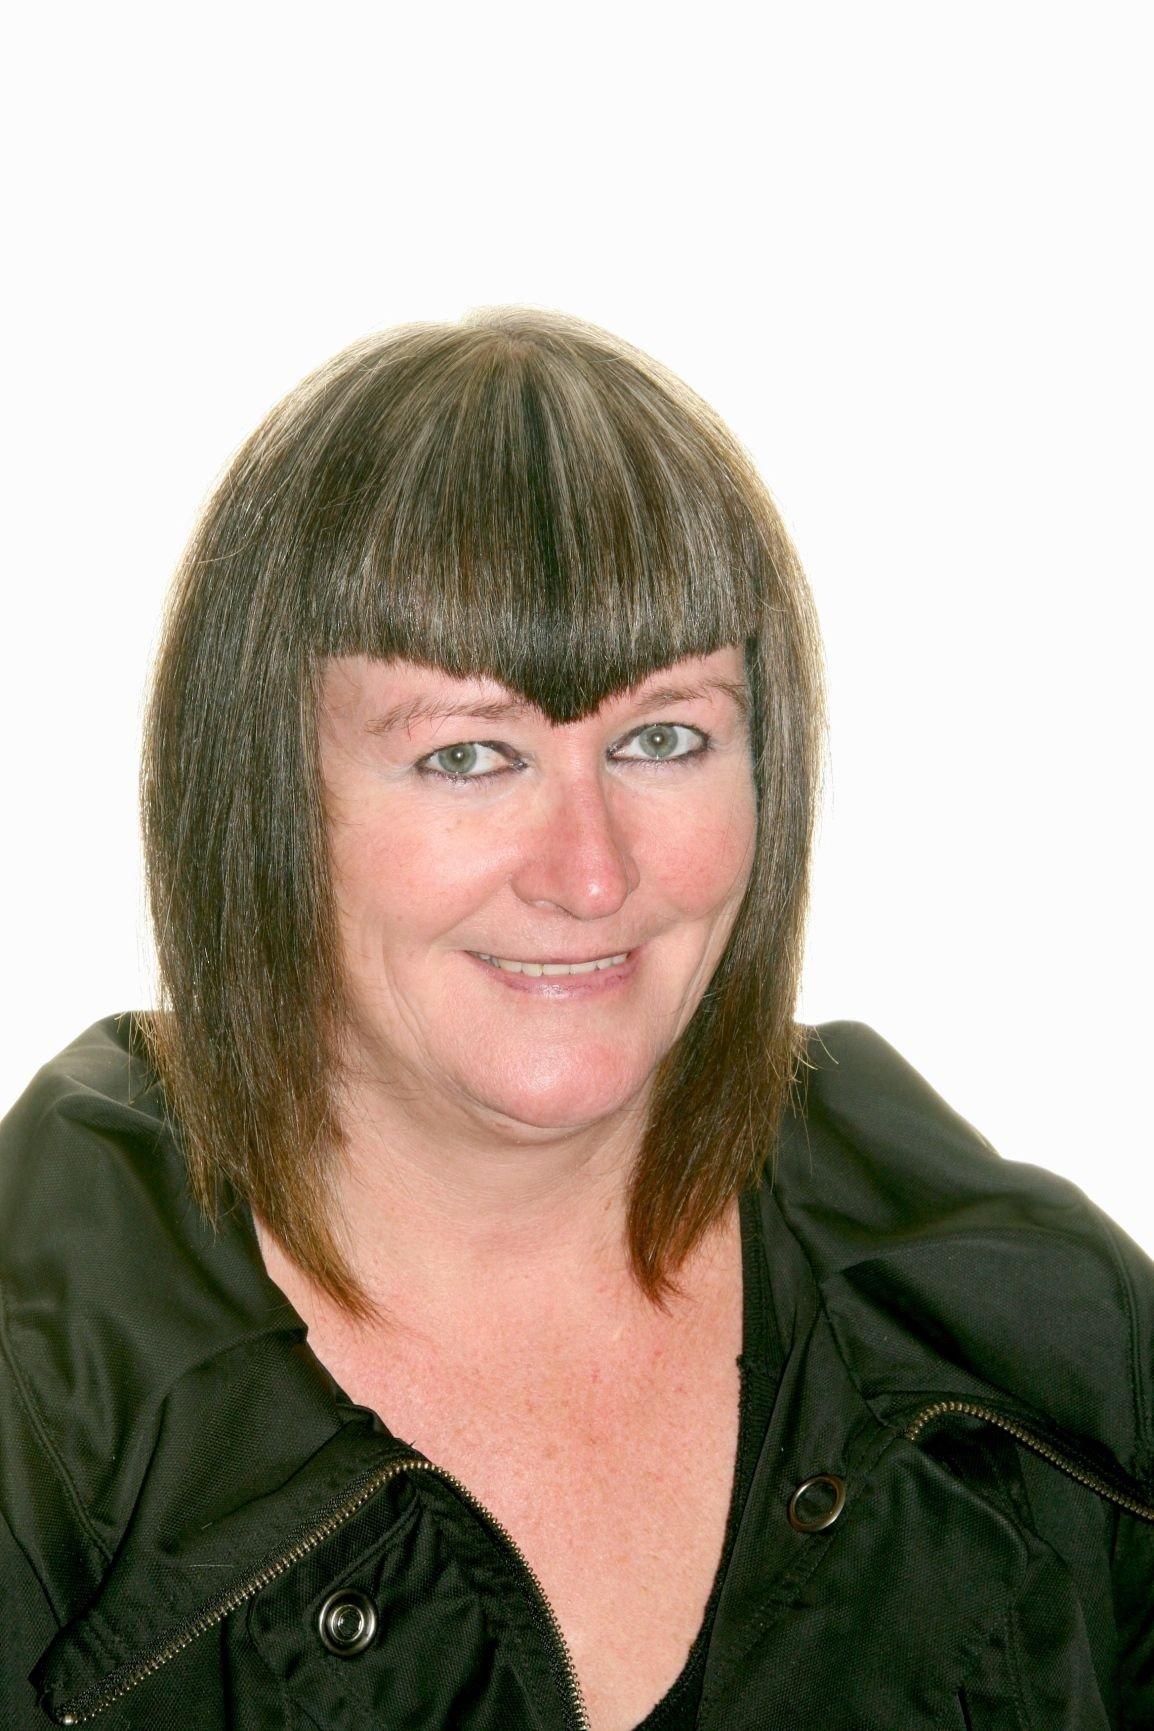 Marita Synnestvedt er arkeolog, samfunnsdebattant og forfatter av boka «Blogghore!».